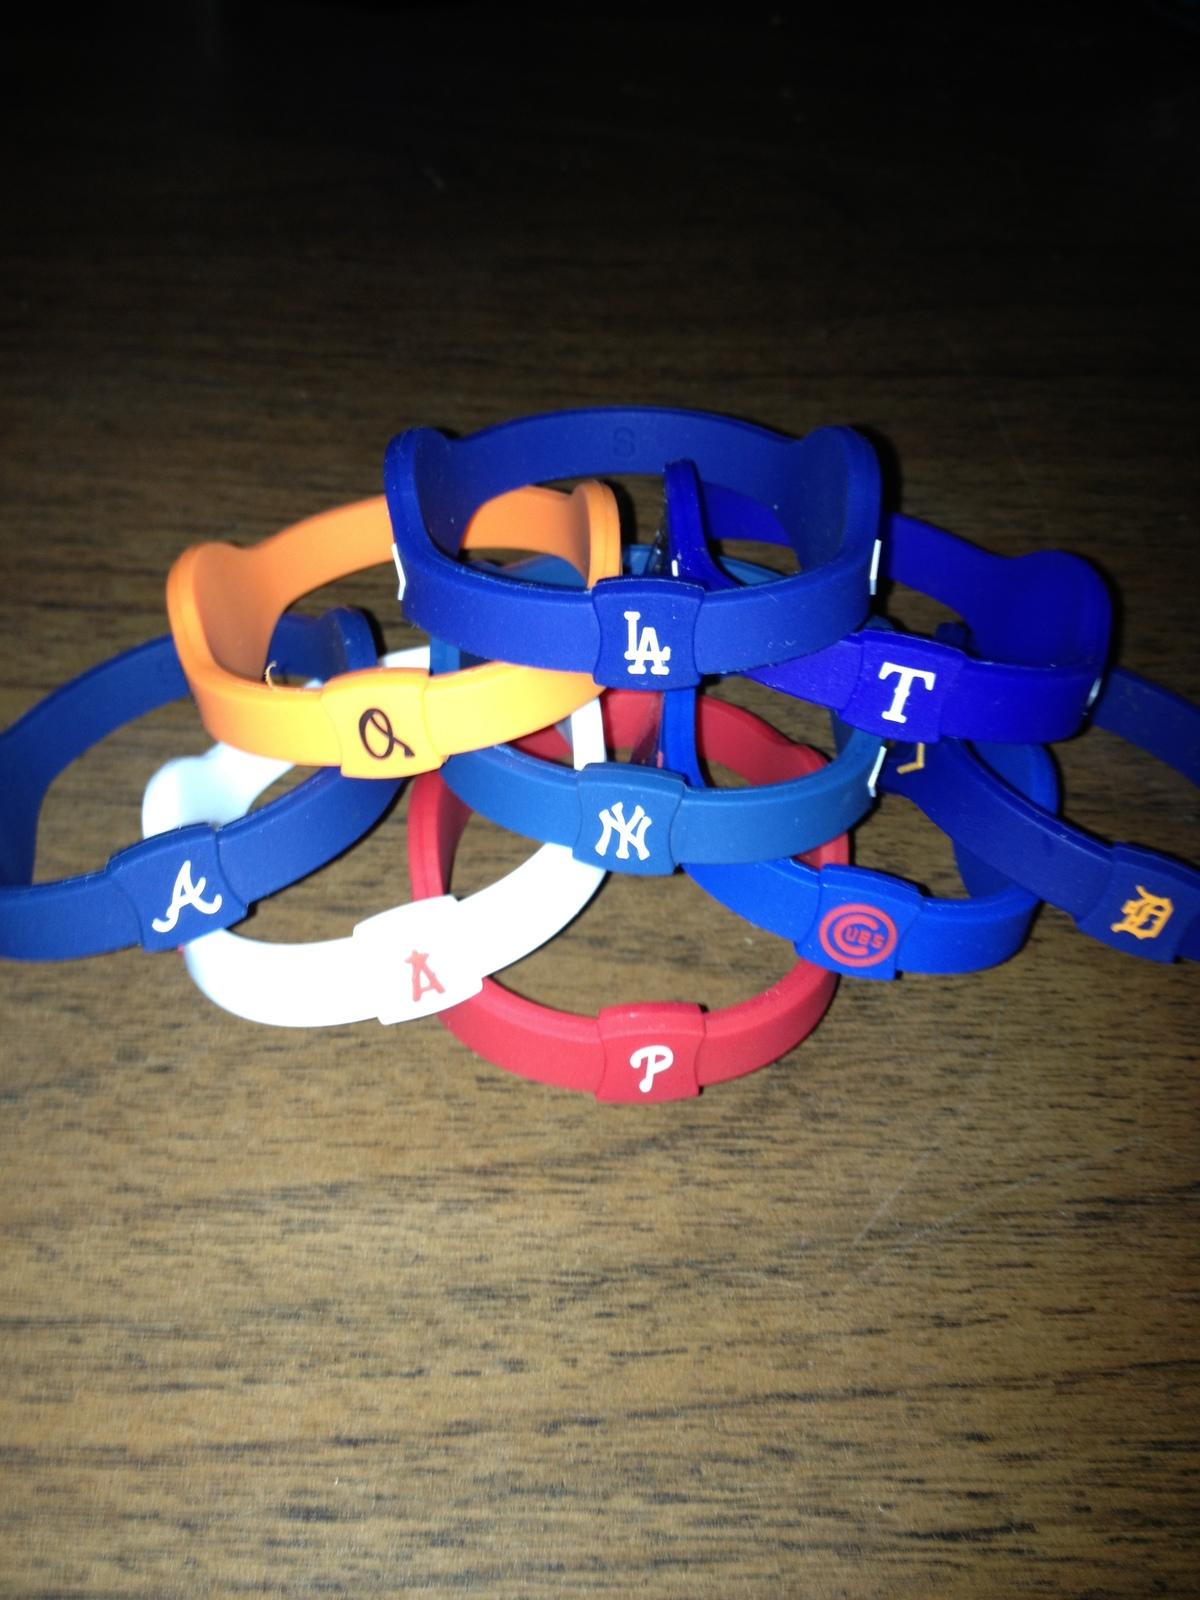 MLB Power Energy Bracelets